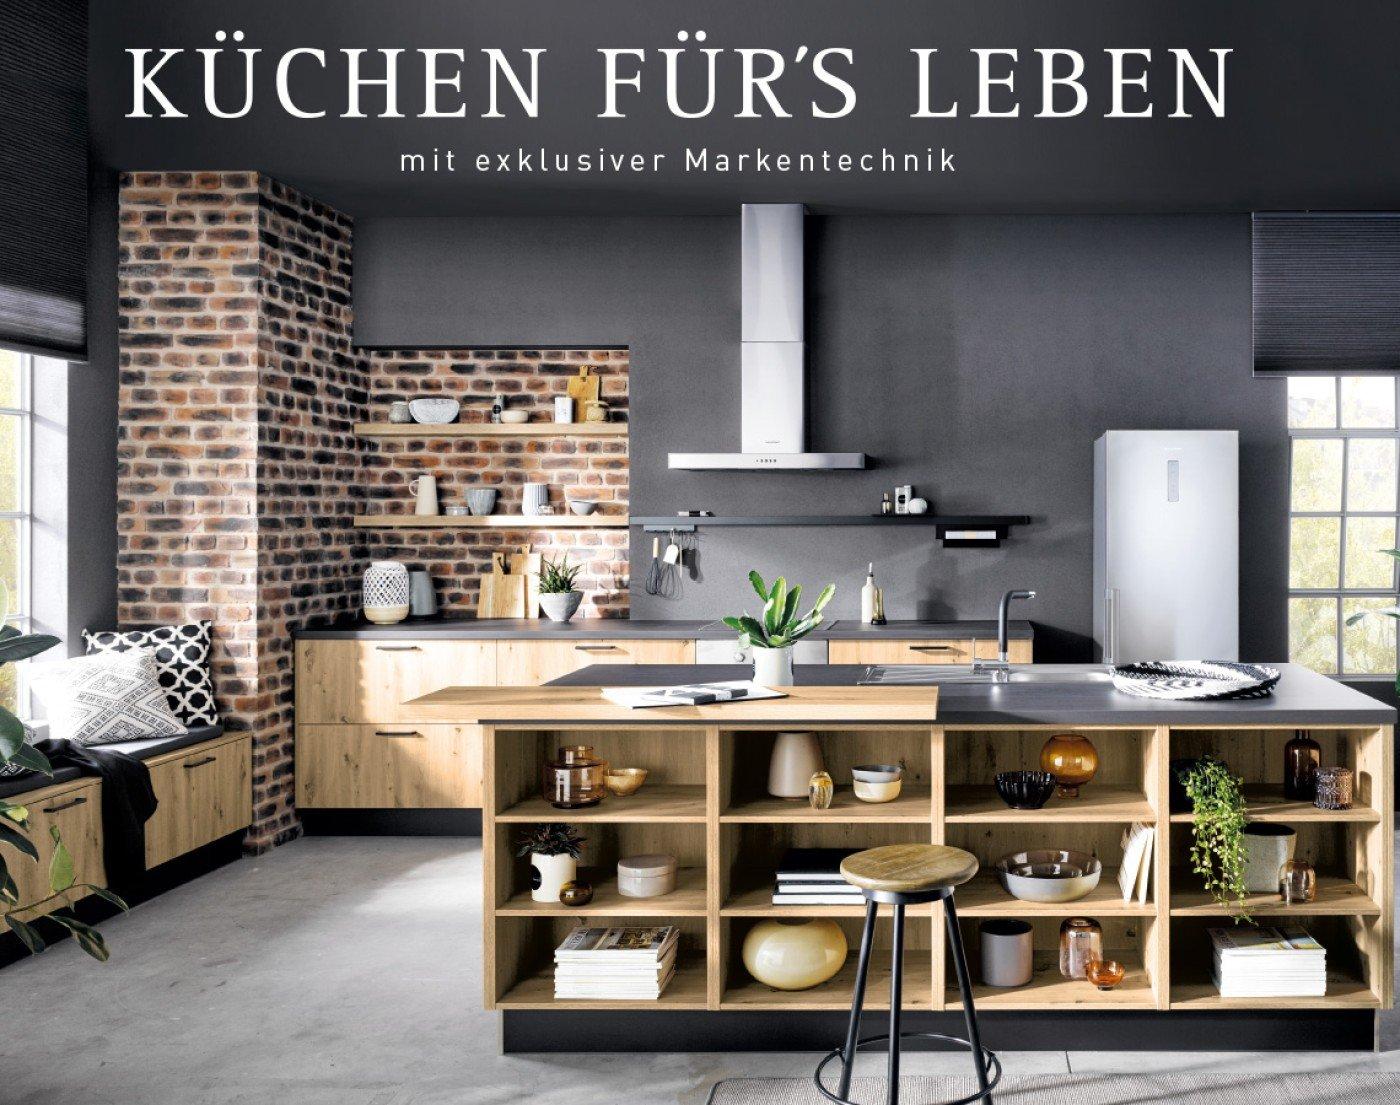 Küche neu erleben - mit hochwertiger Markenausstattung